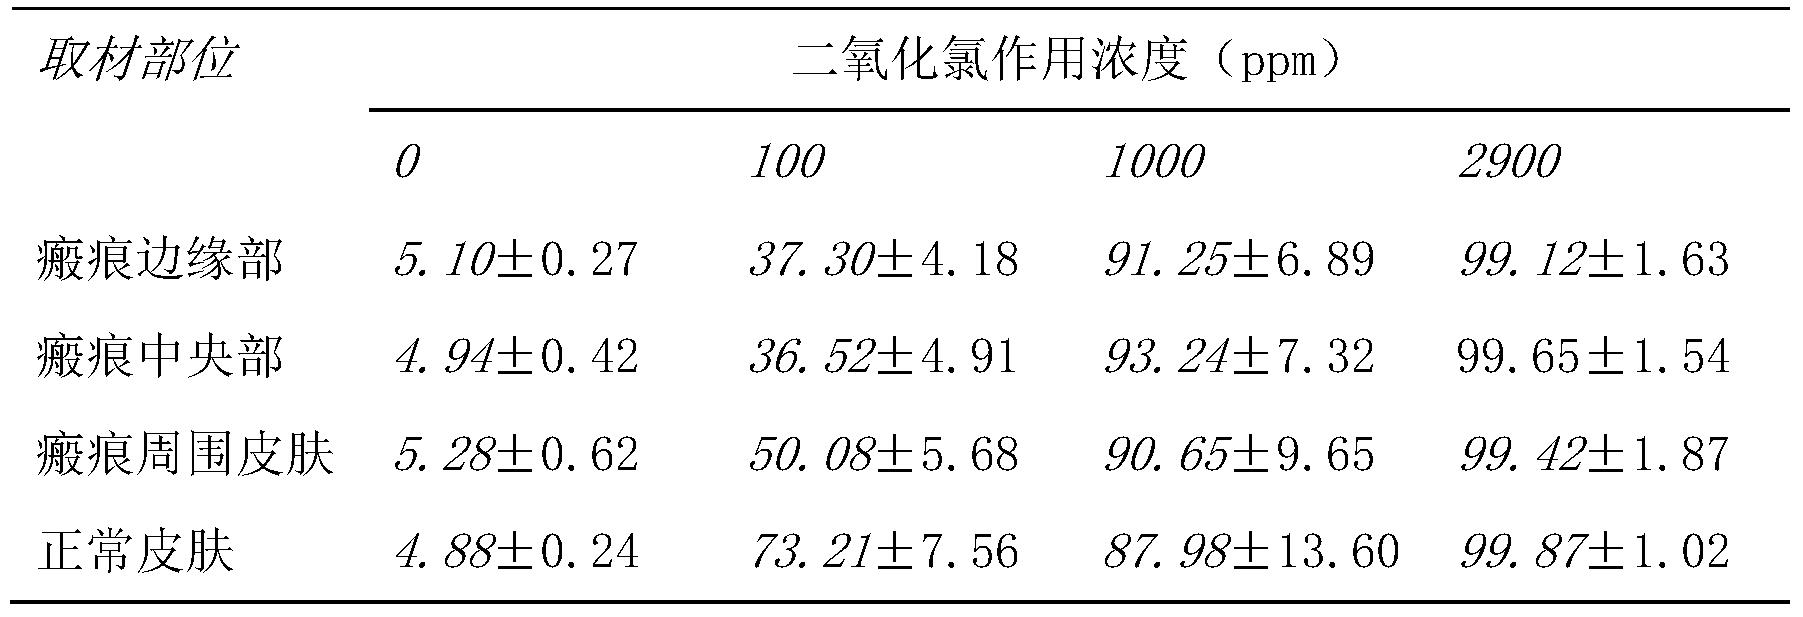 Figure PCTCN2014091047-appb-000002